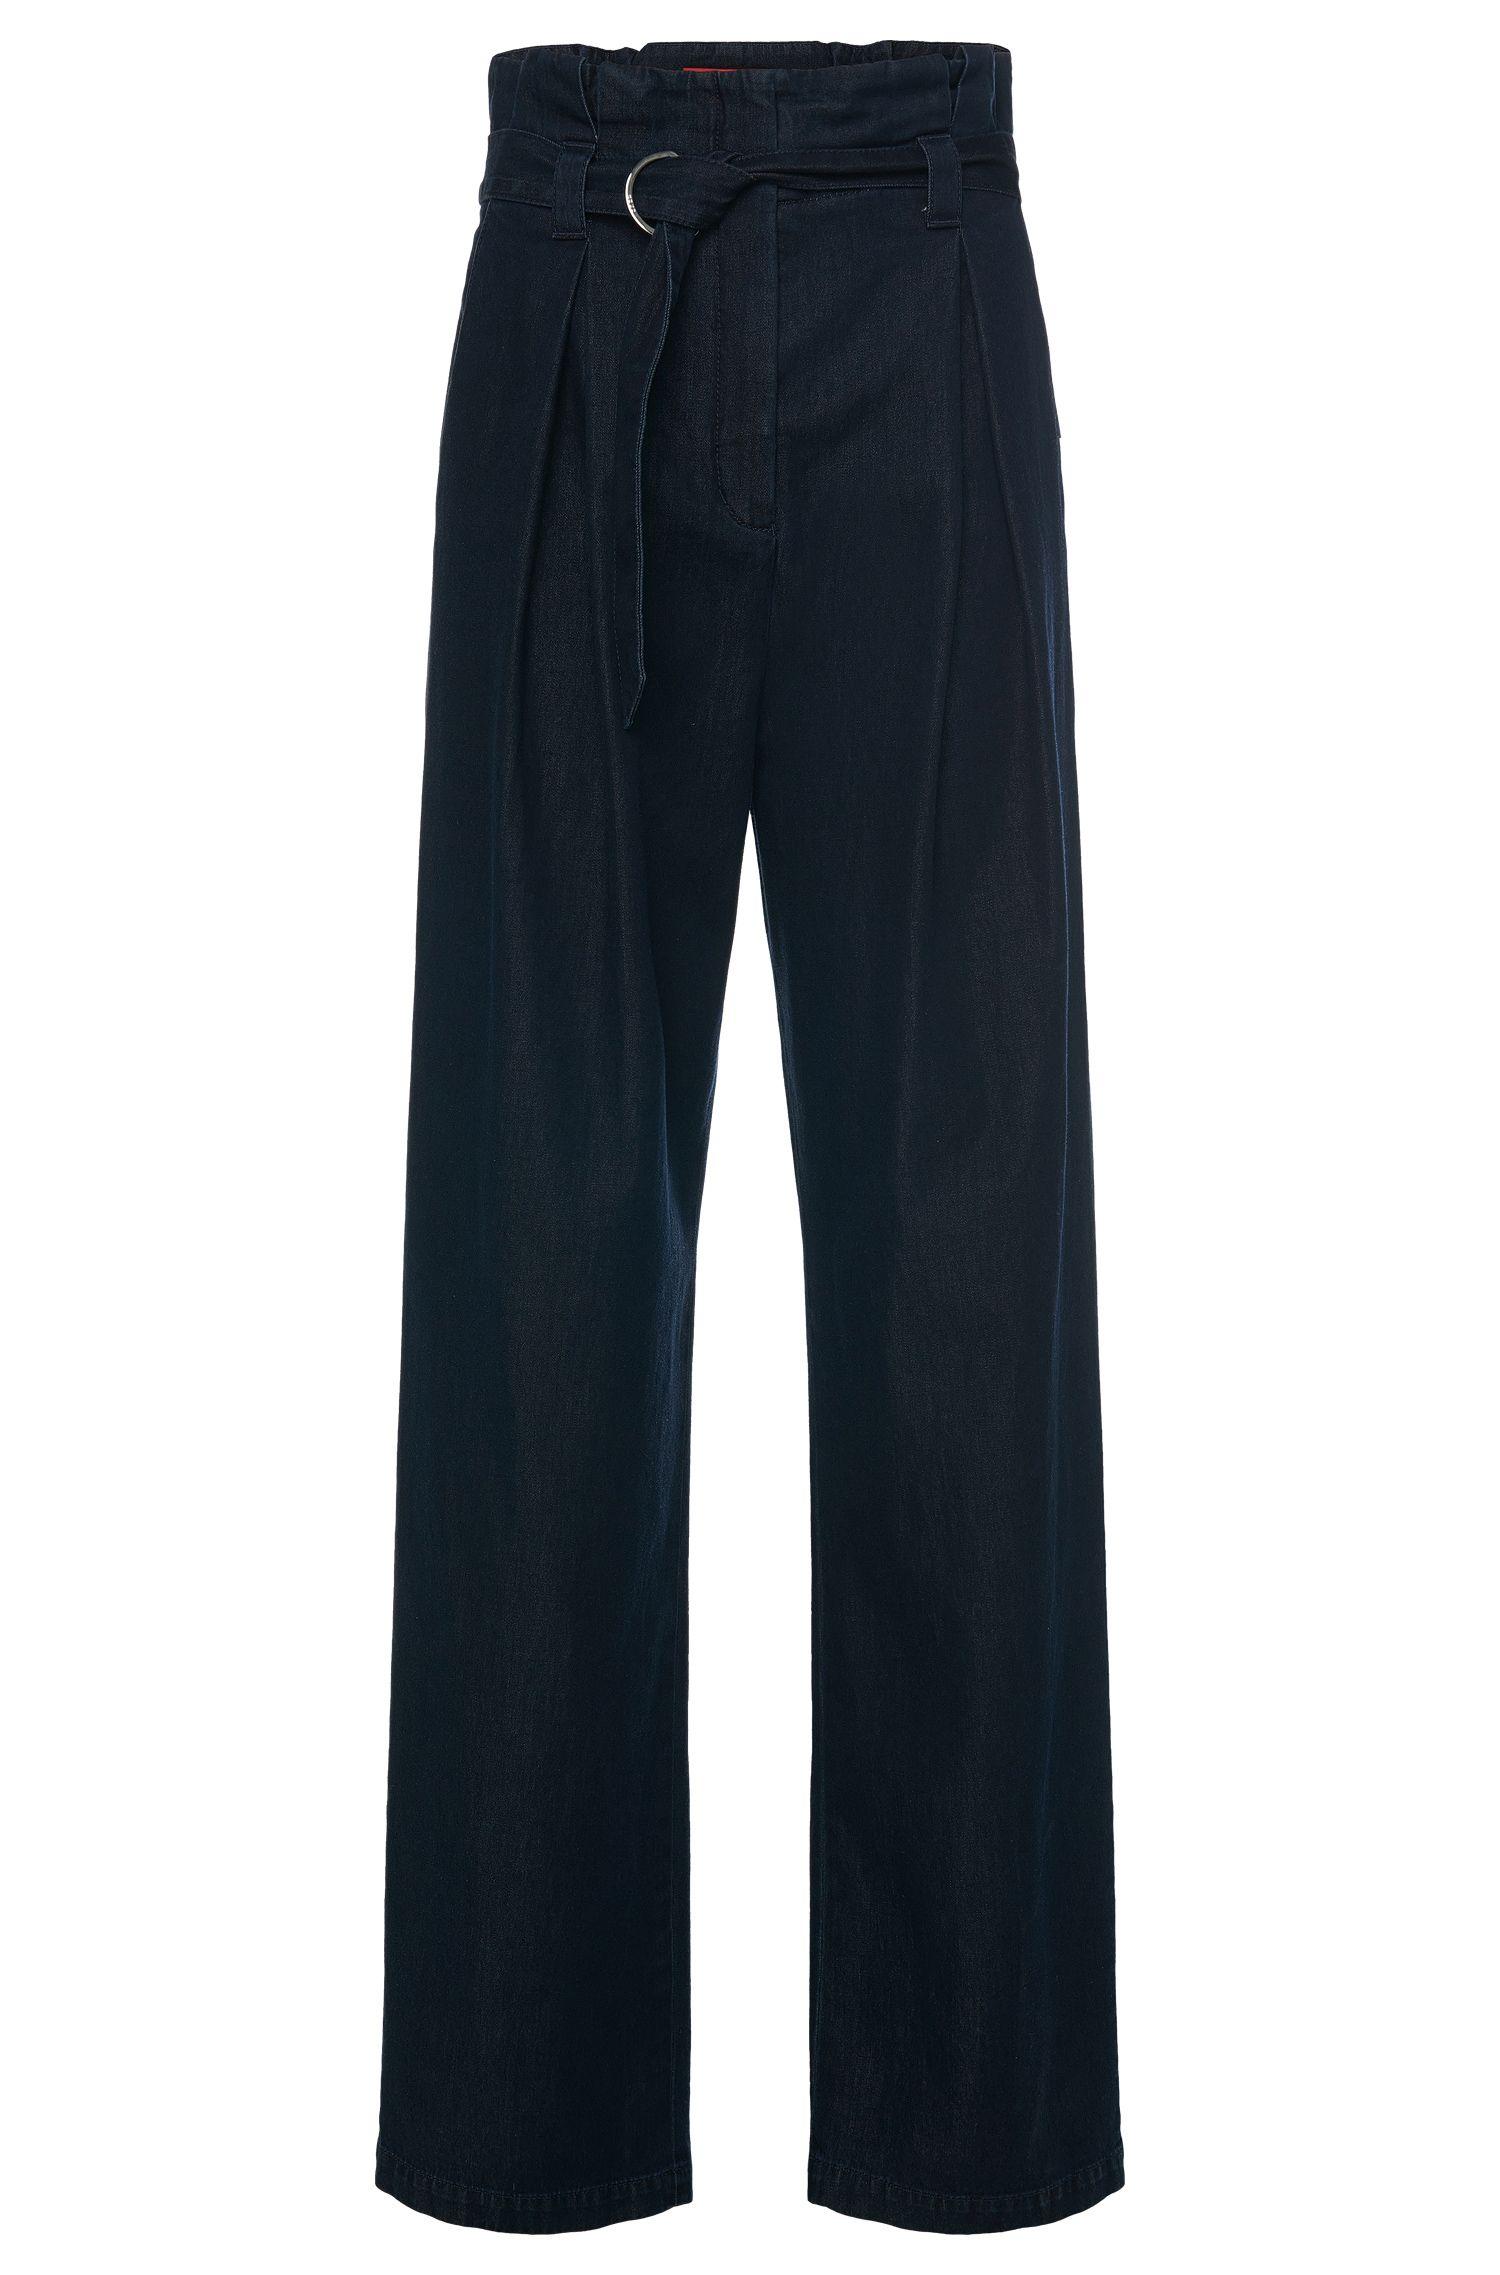 Pantalón de talle alto en algodón con acabado vaquero: 'Hifes-W'